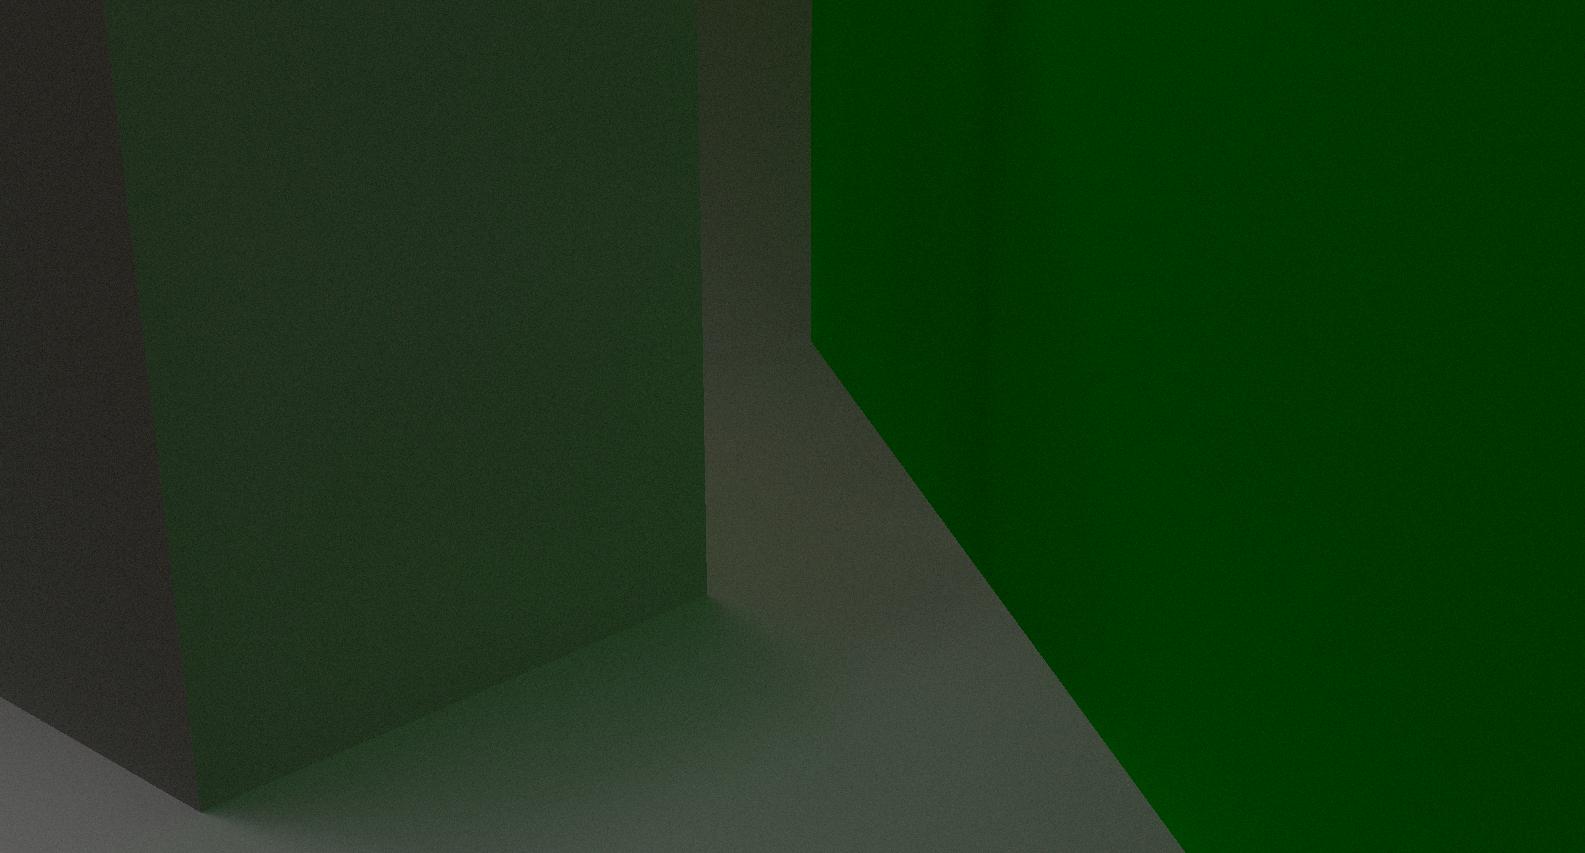 непрямое освещение и мягкие тени